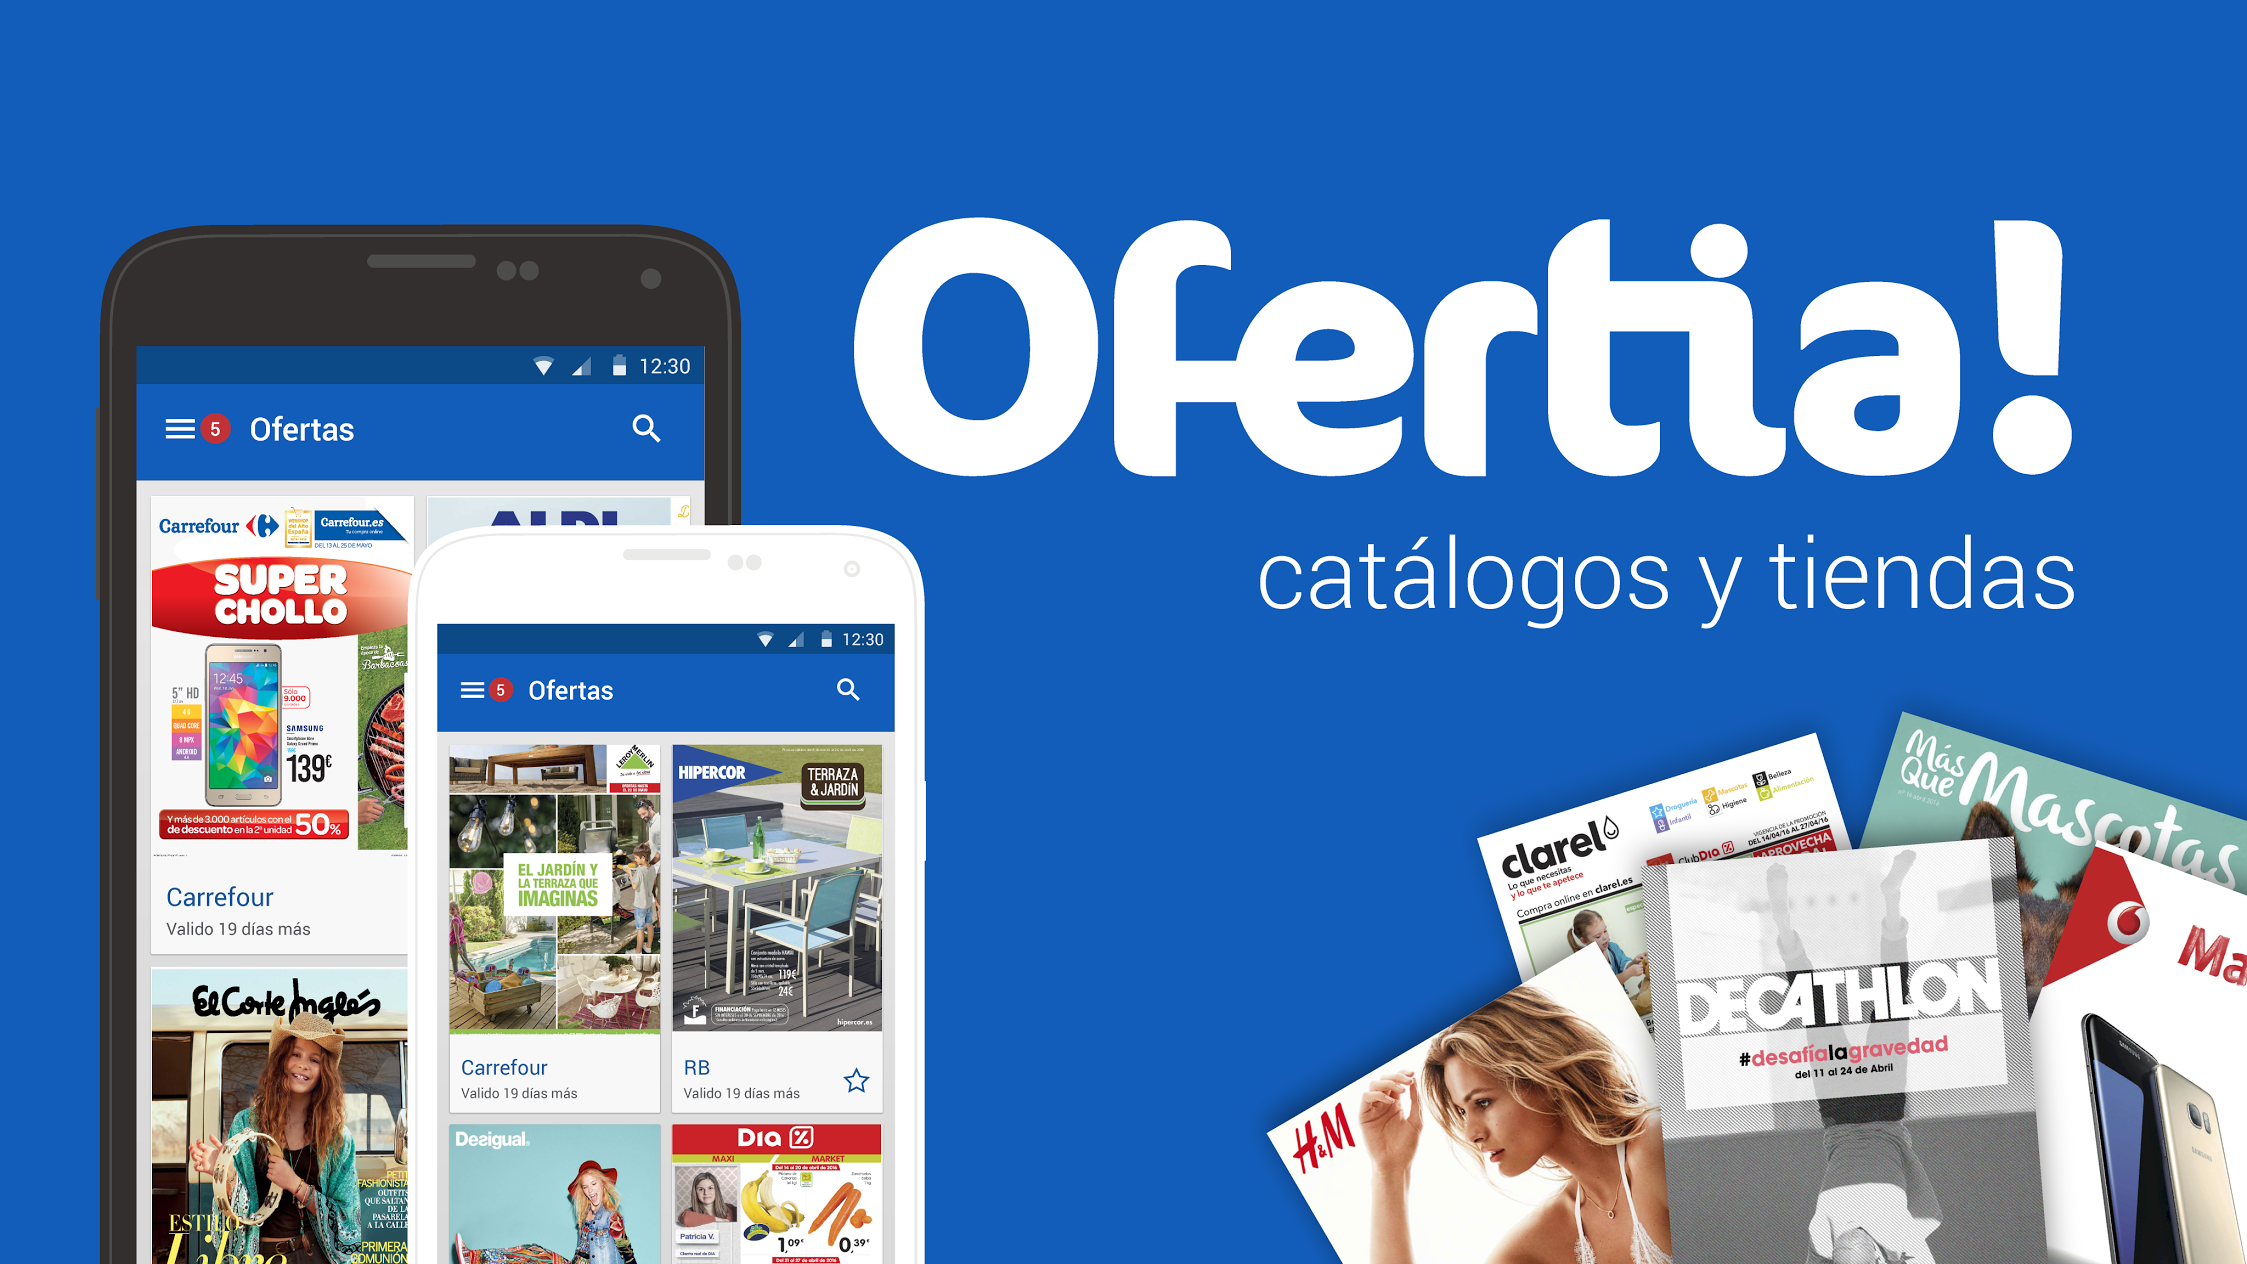 Ofertia app